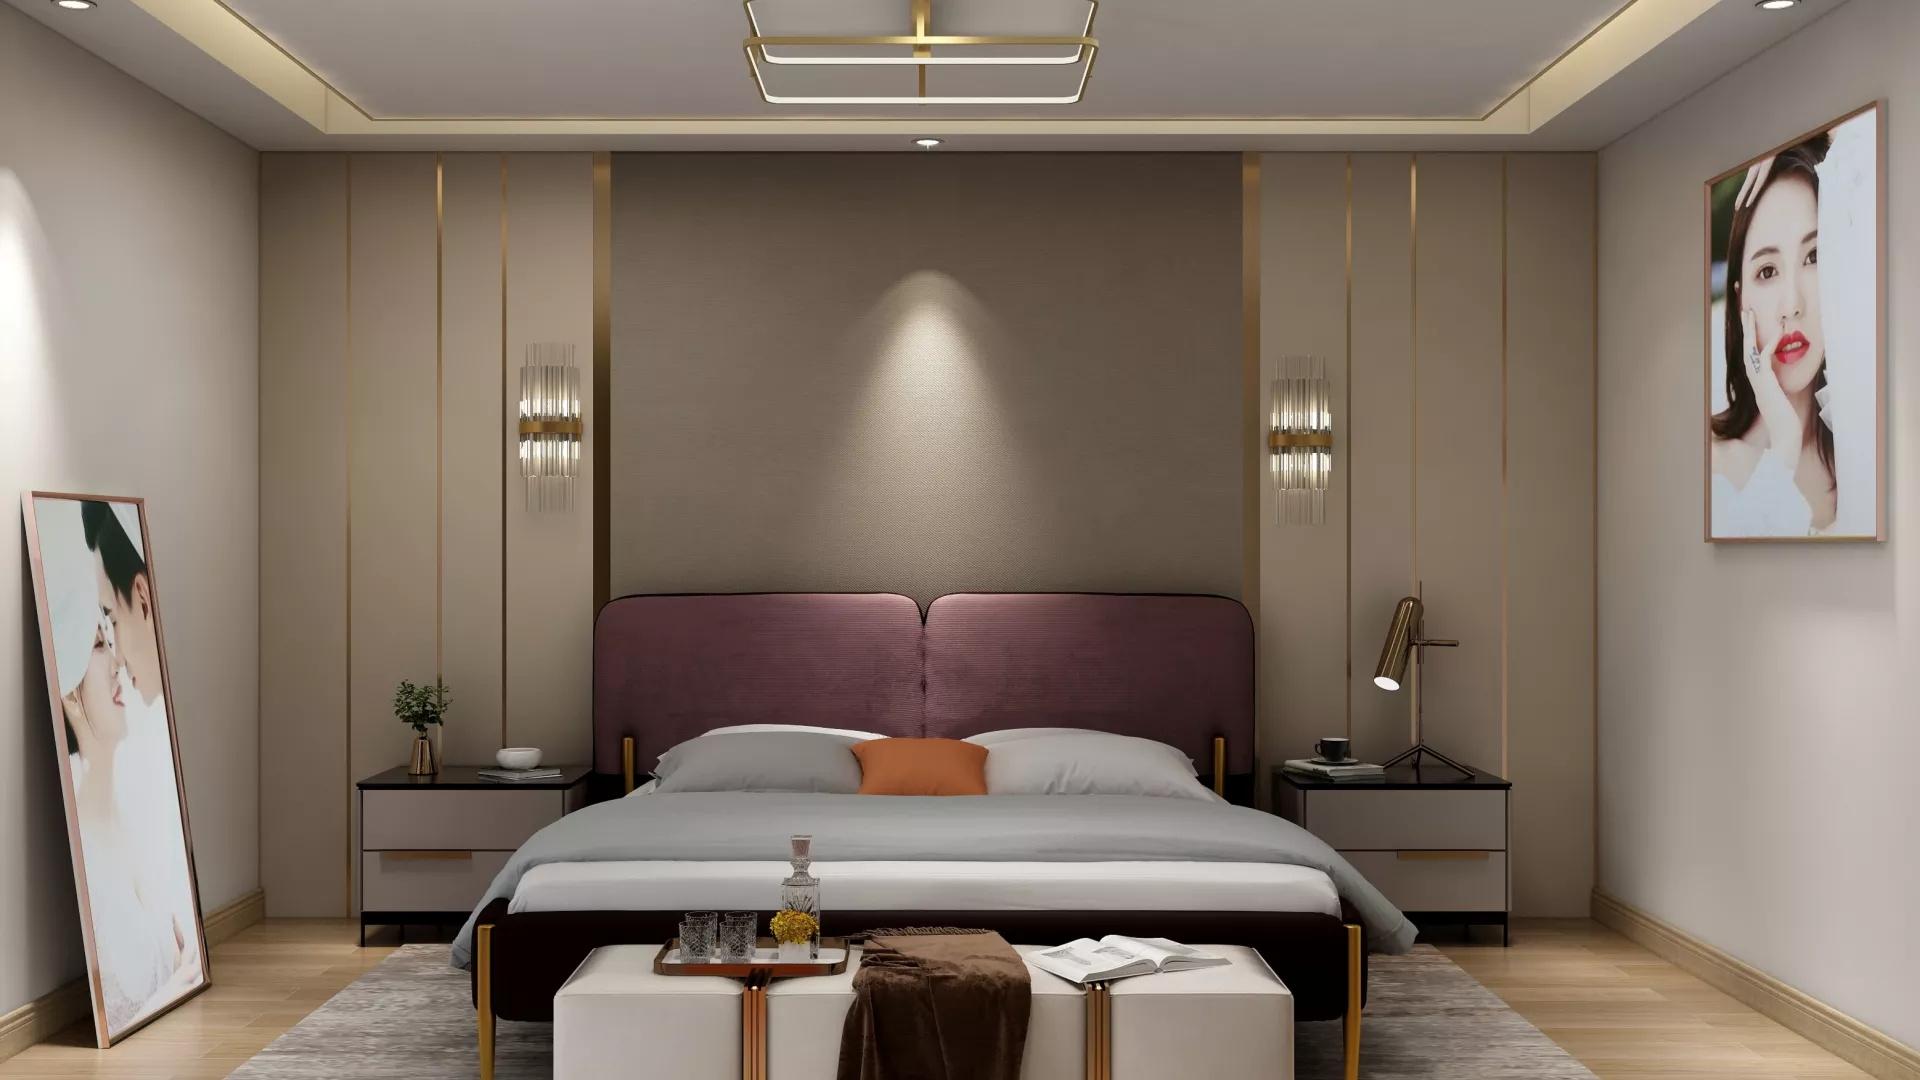 家居全铜吸顶灯具有什么优点?家居全铜吸顶灯特色是什么?